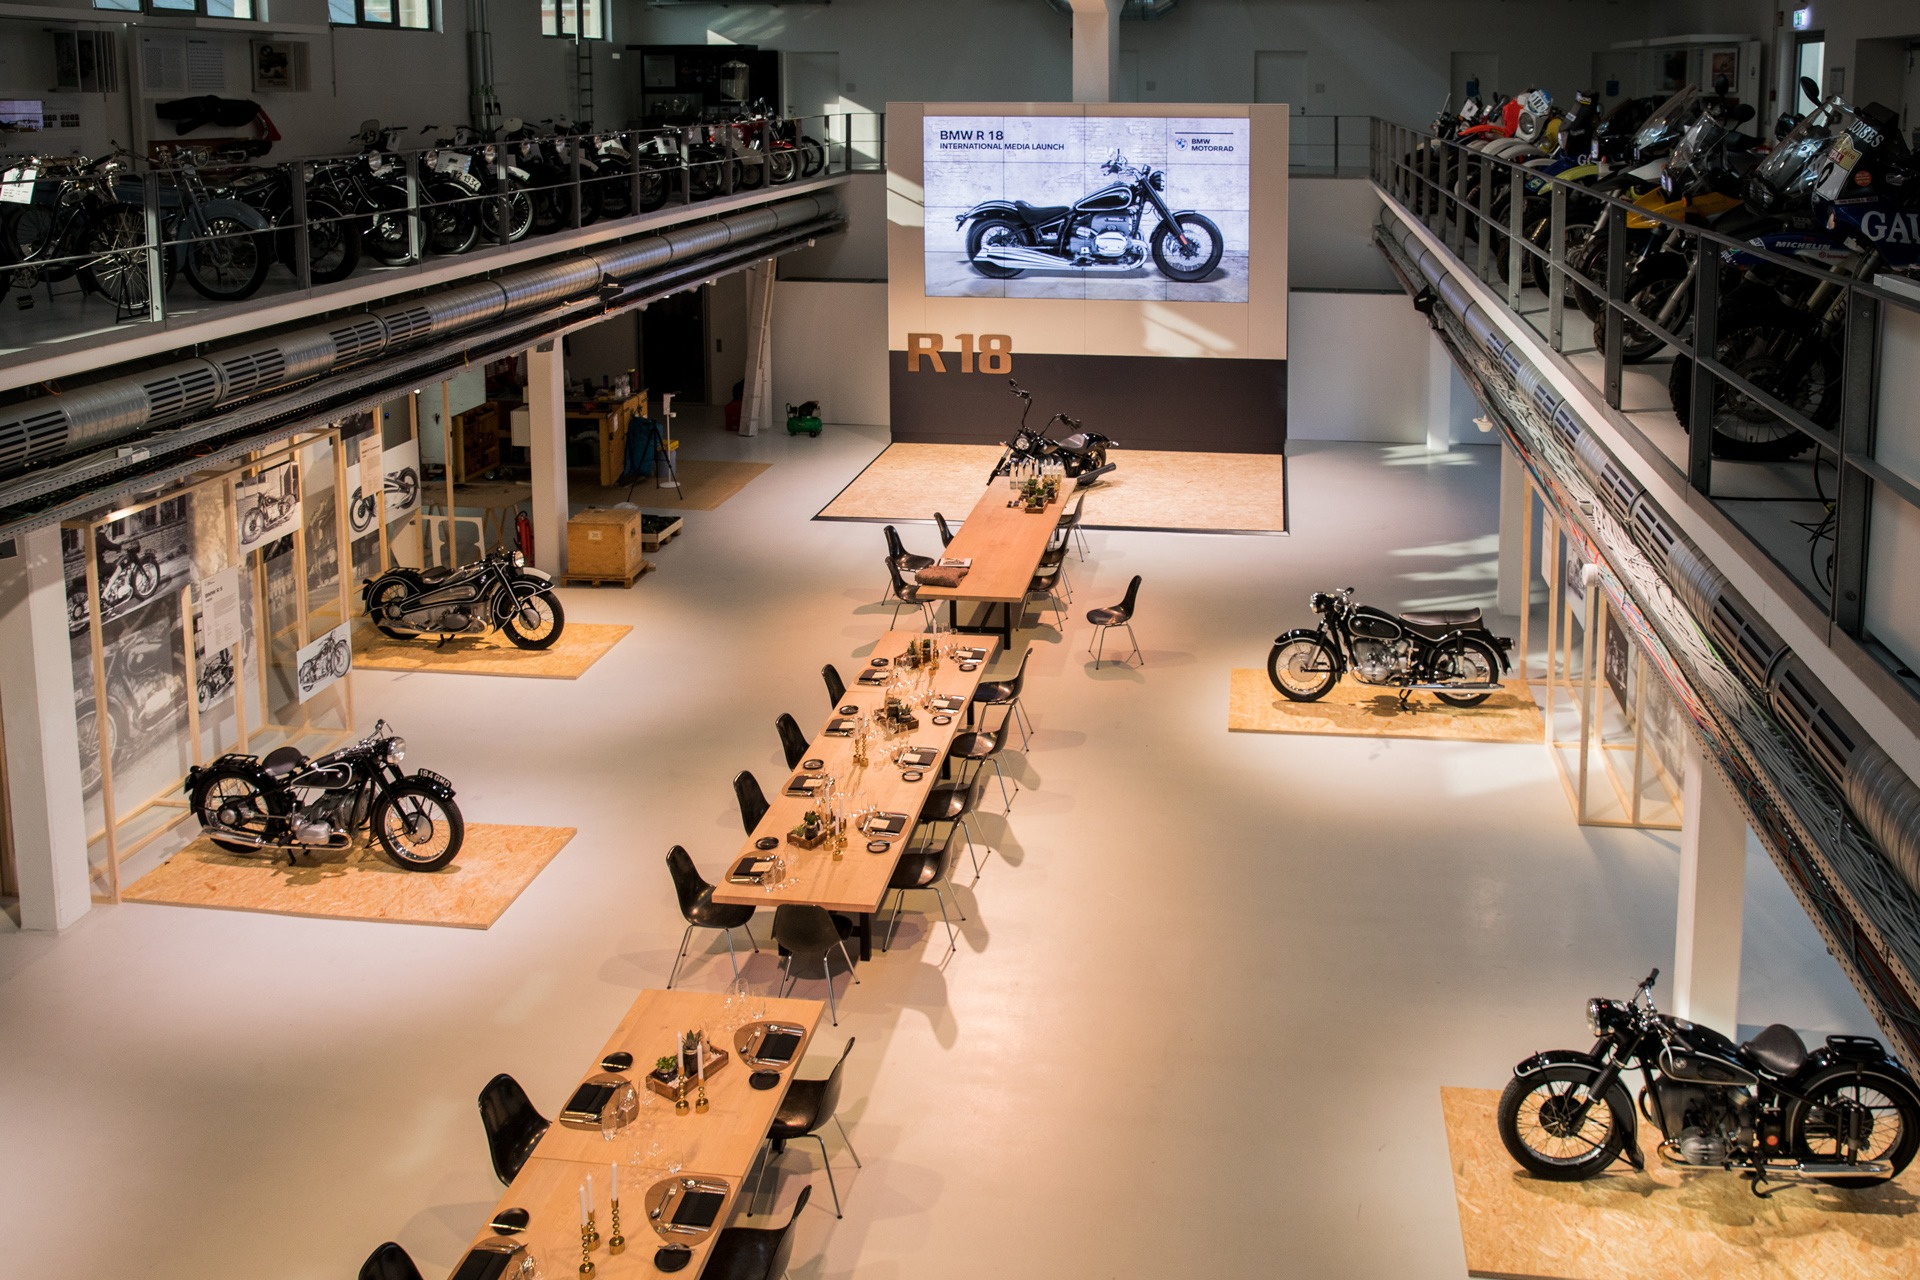 BMW R18 – International Media Launch